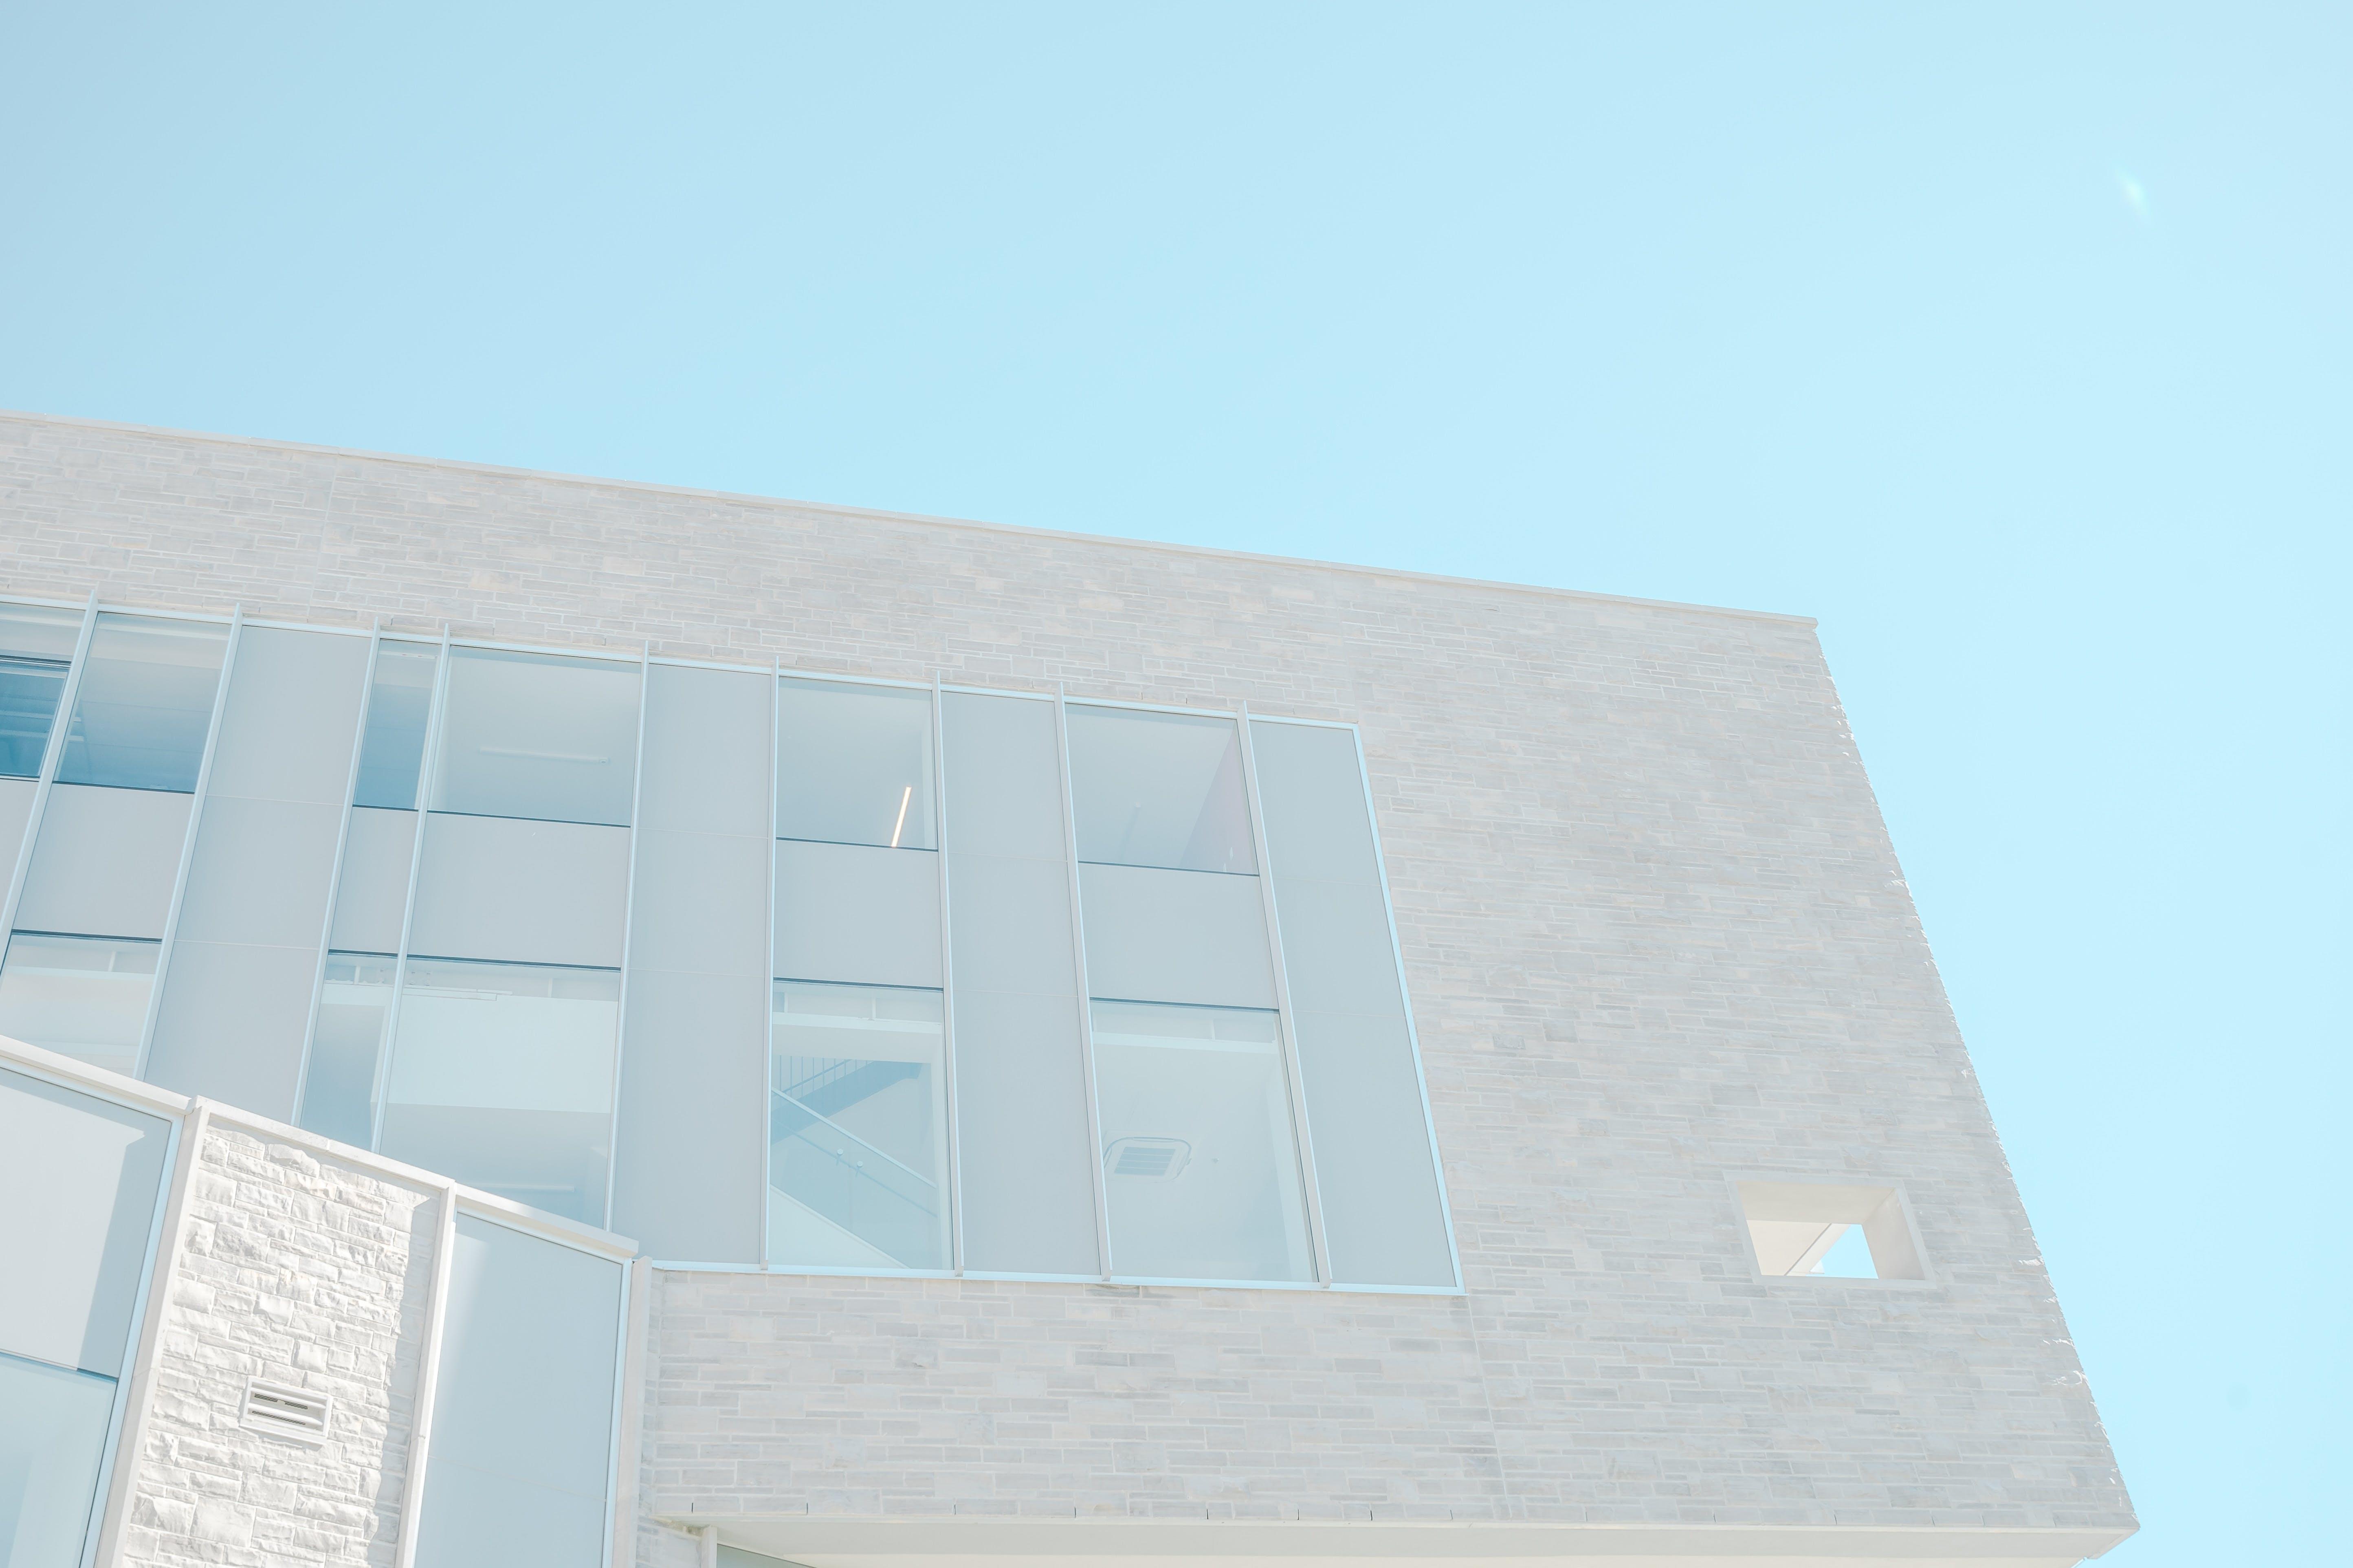 artículos de cristal, artículos de vidrio, edificio